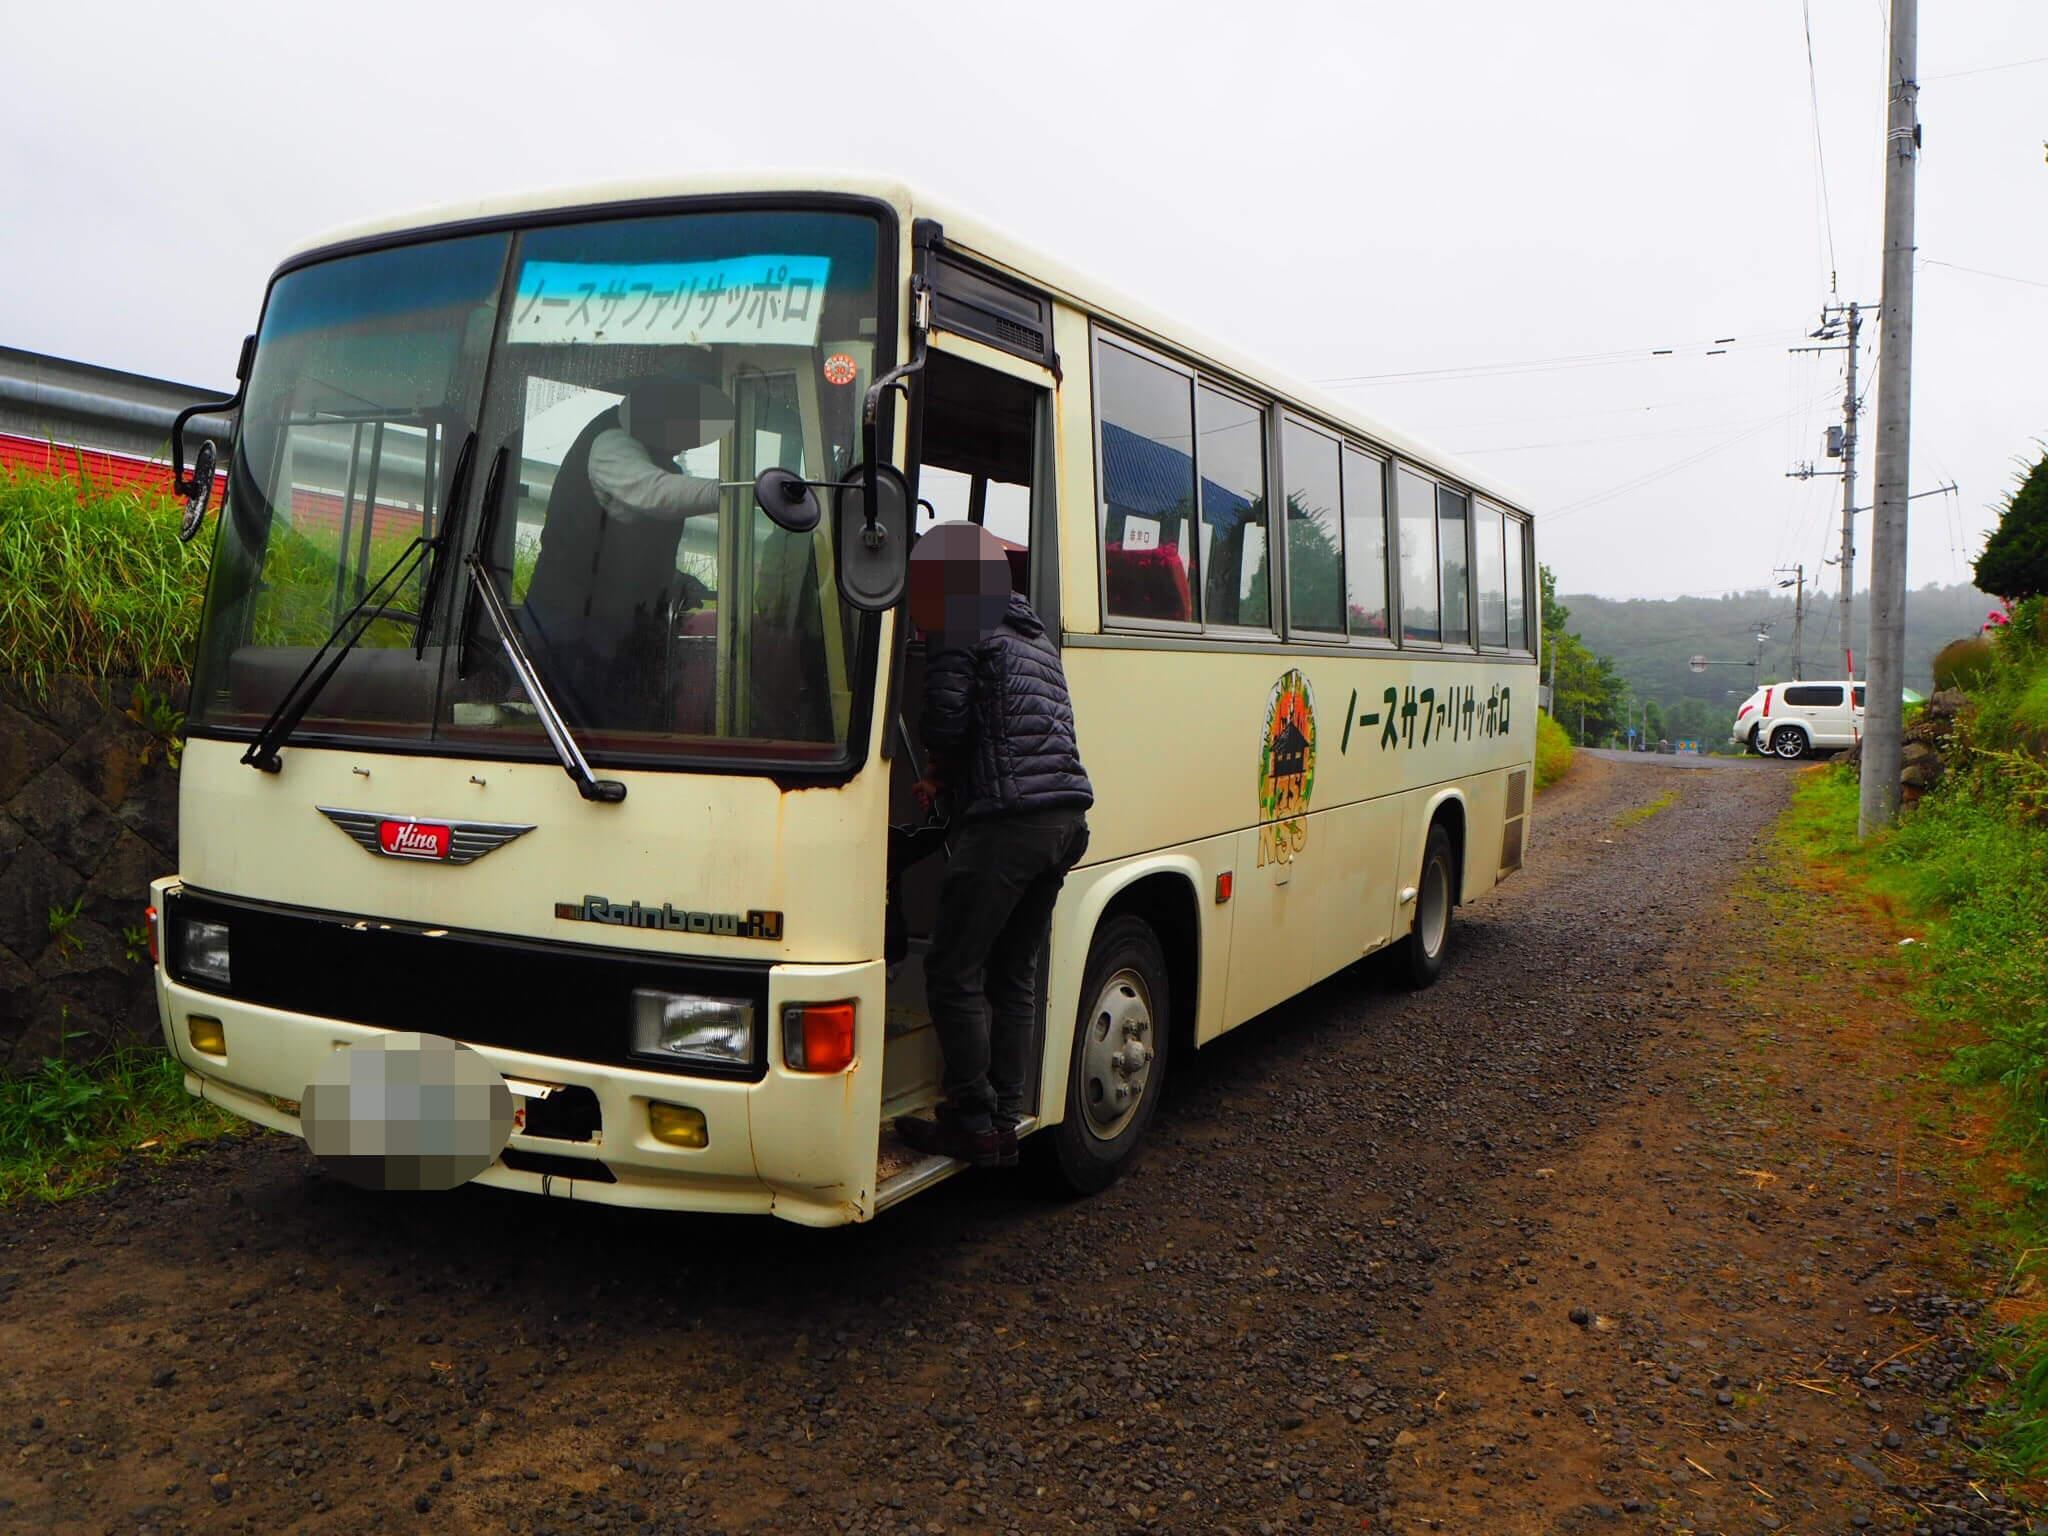 ノースサファリサッポロのシャトルバス